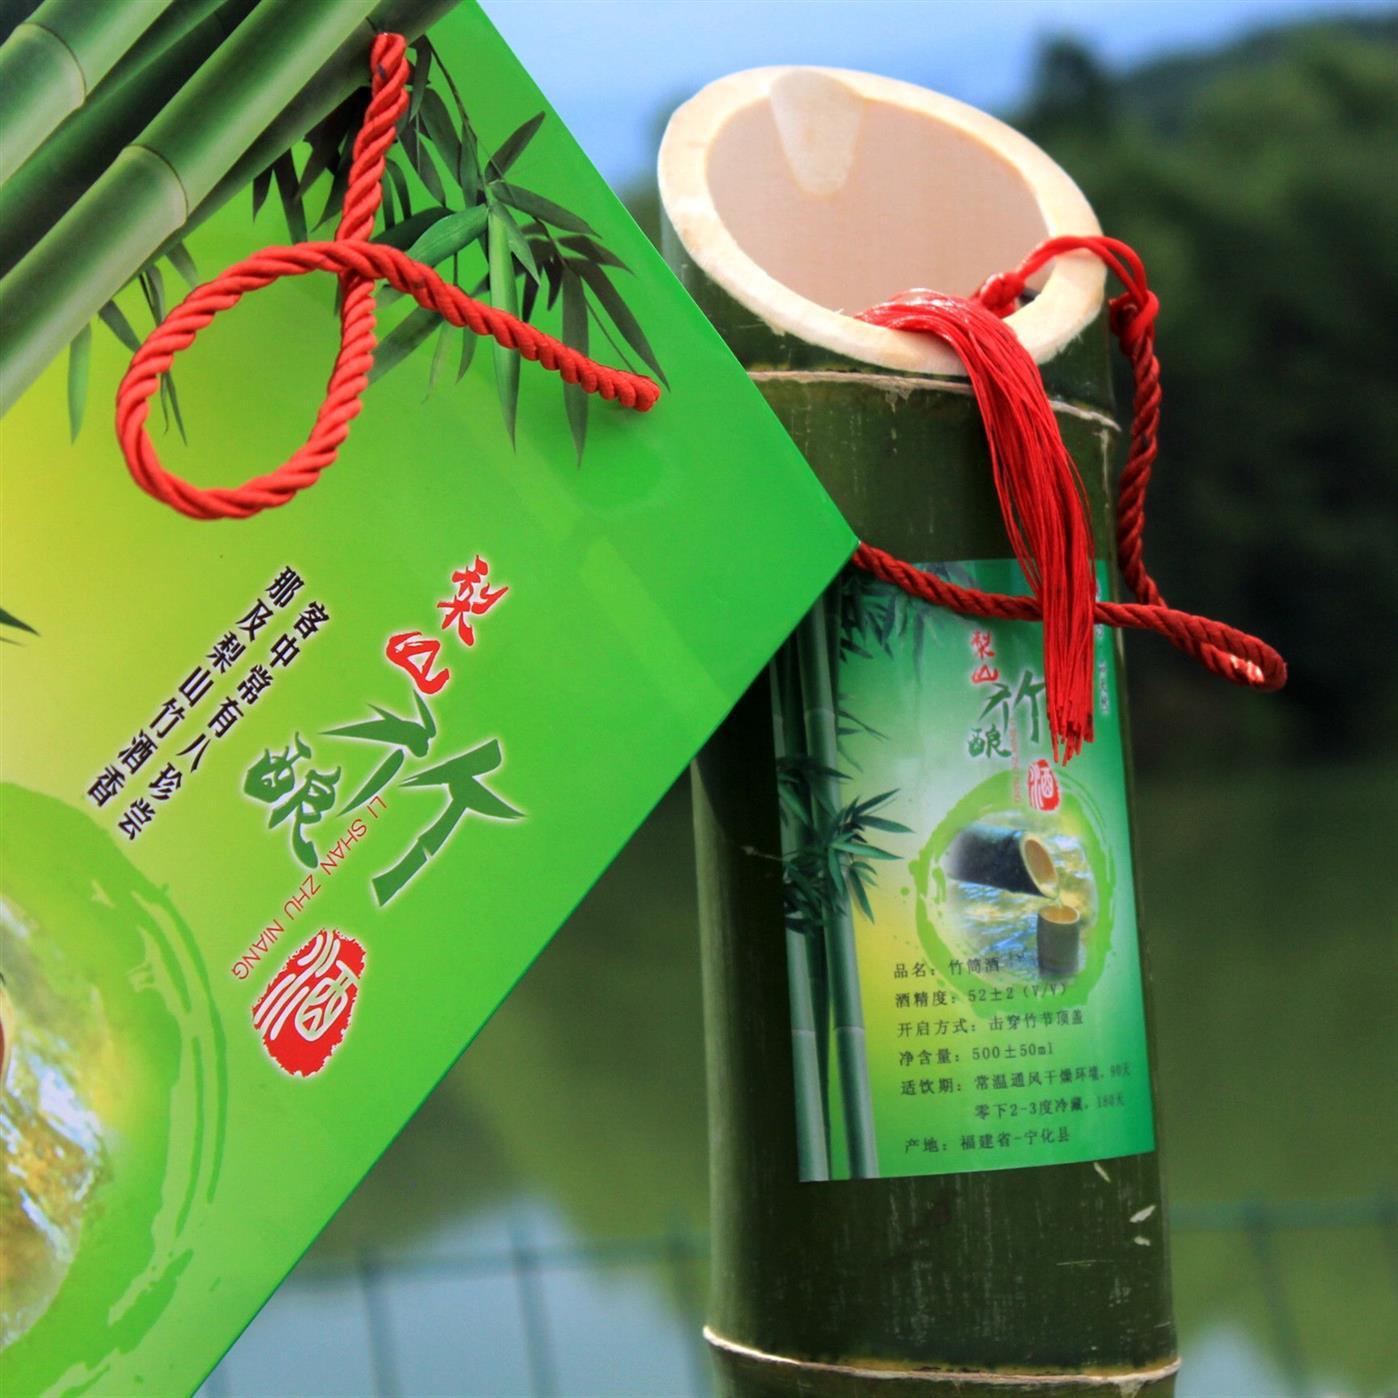 贵州鲜竹竹筒酒代理模式